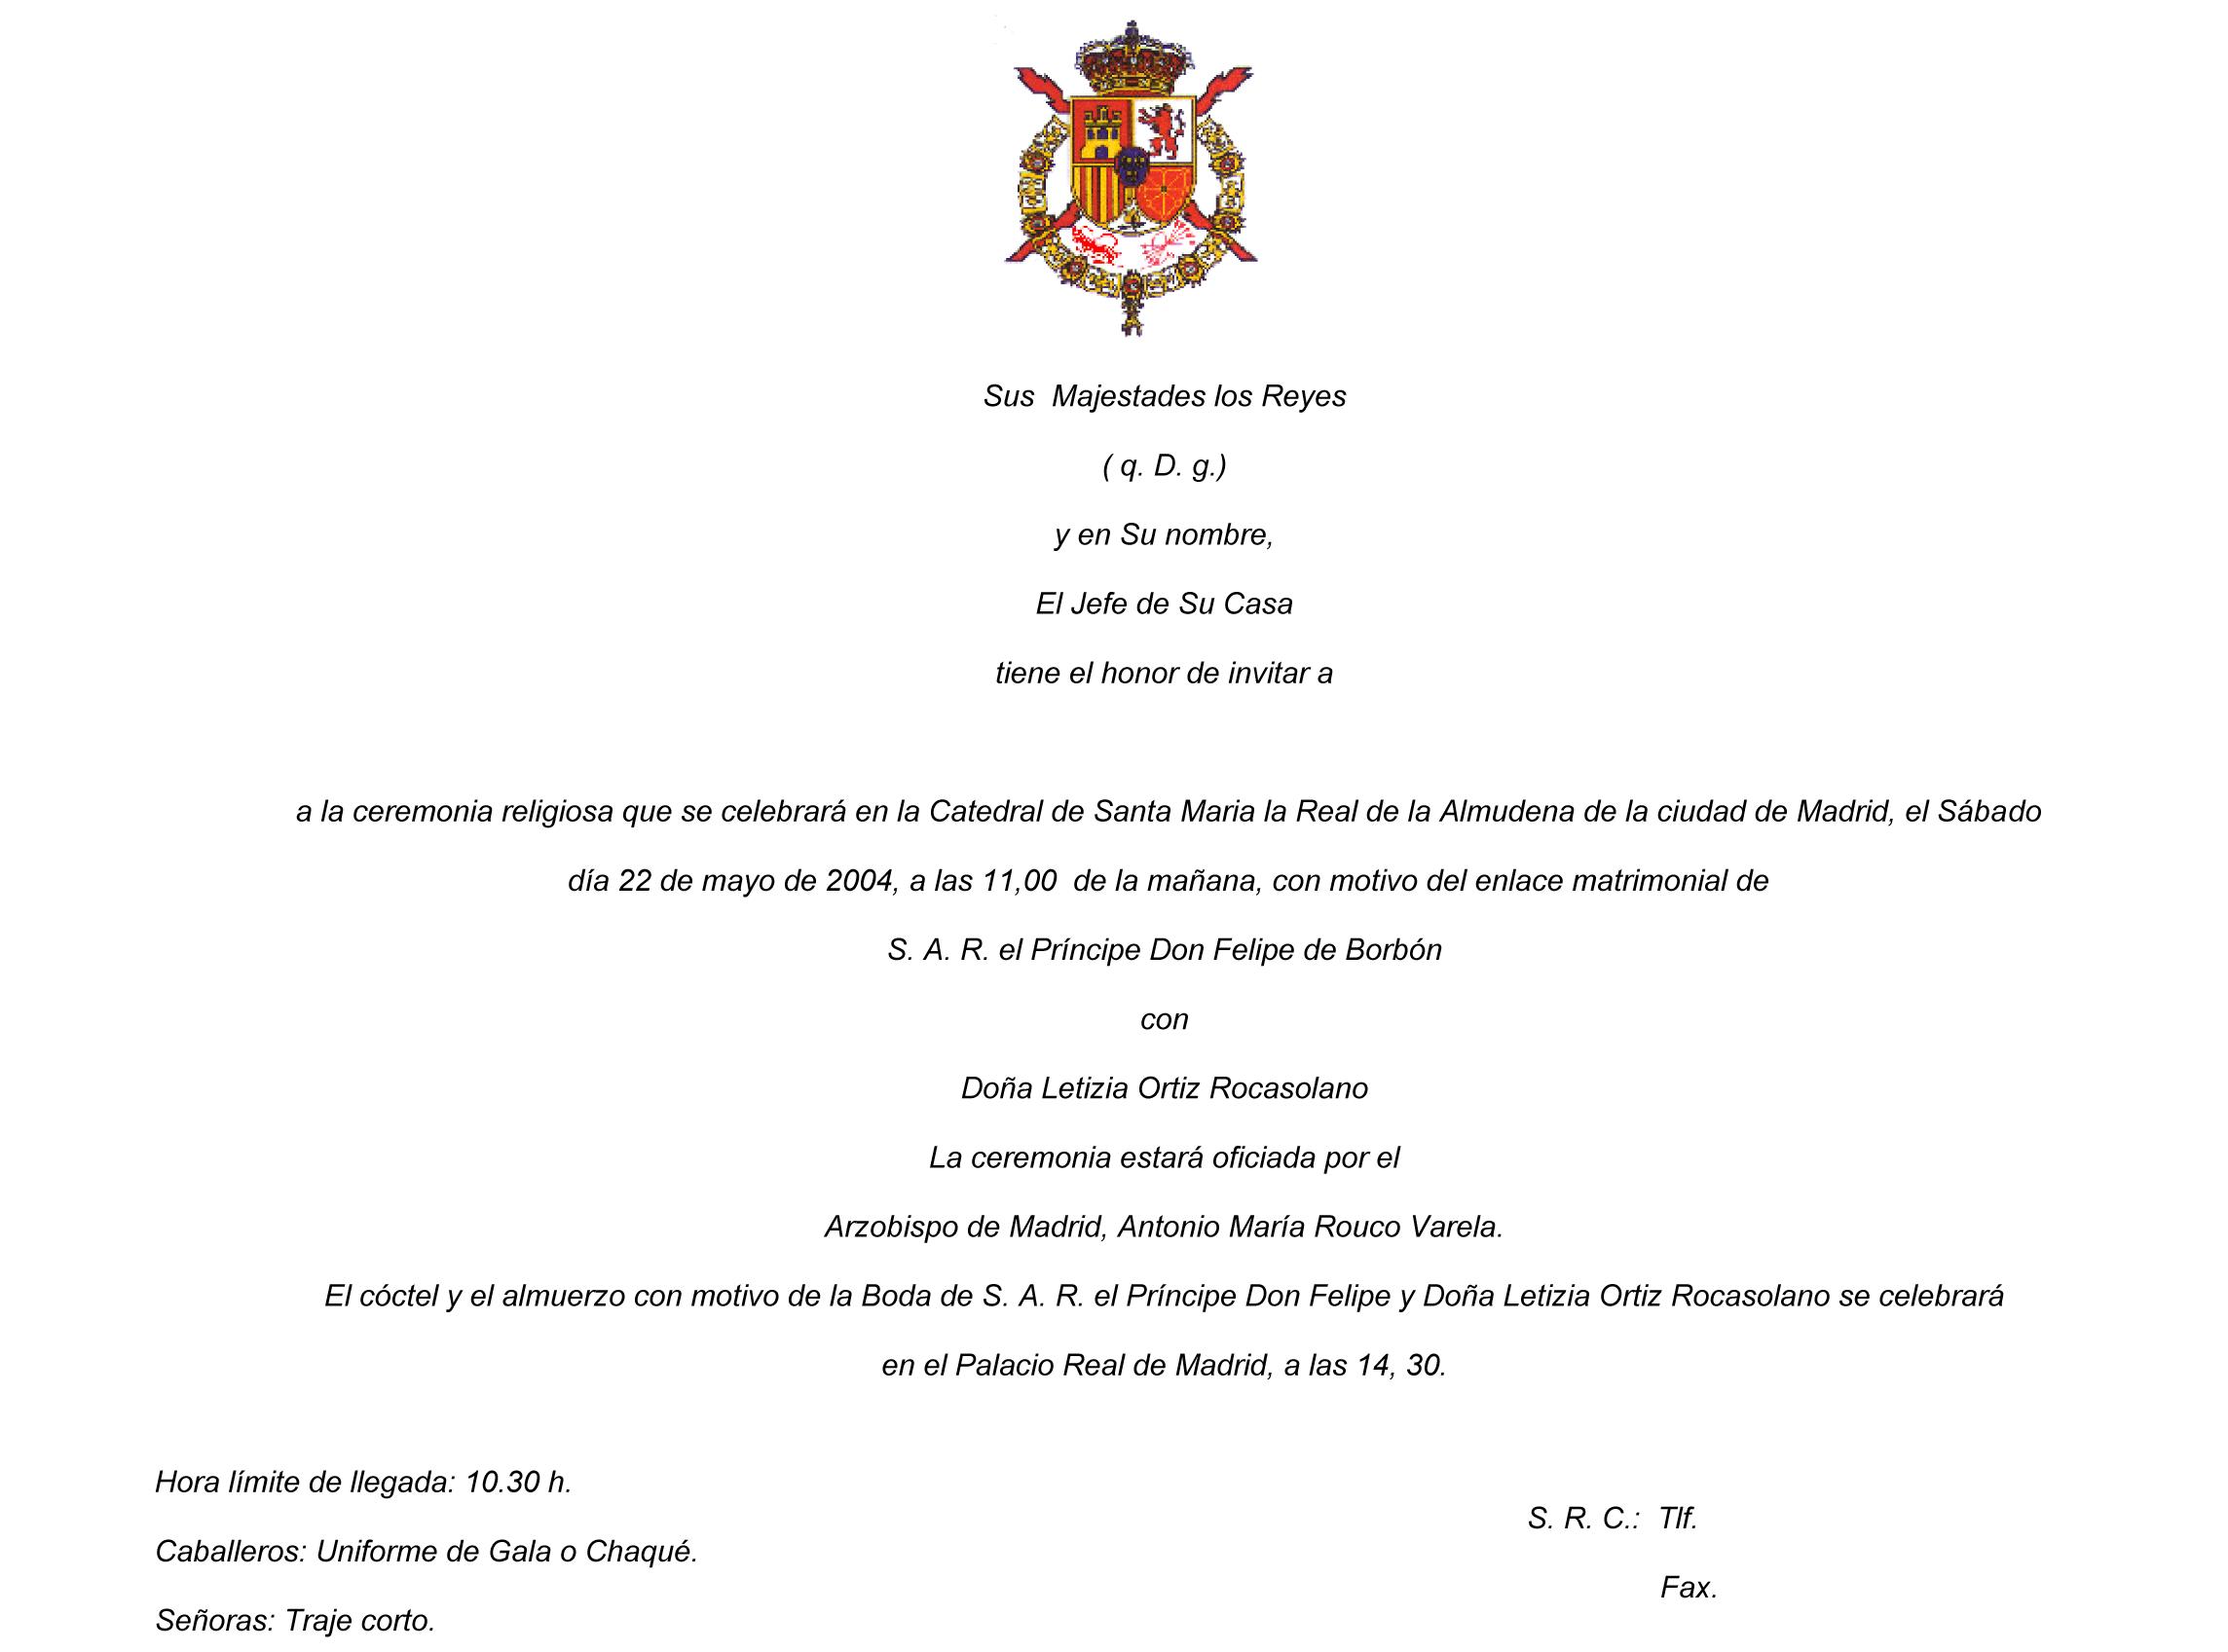 Carta De Invitacion Formal